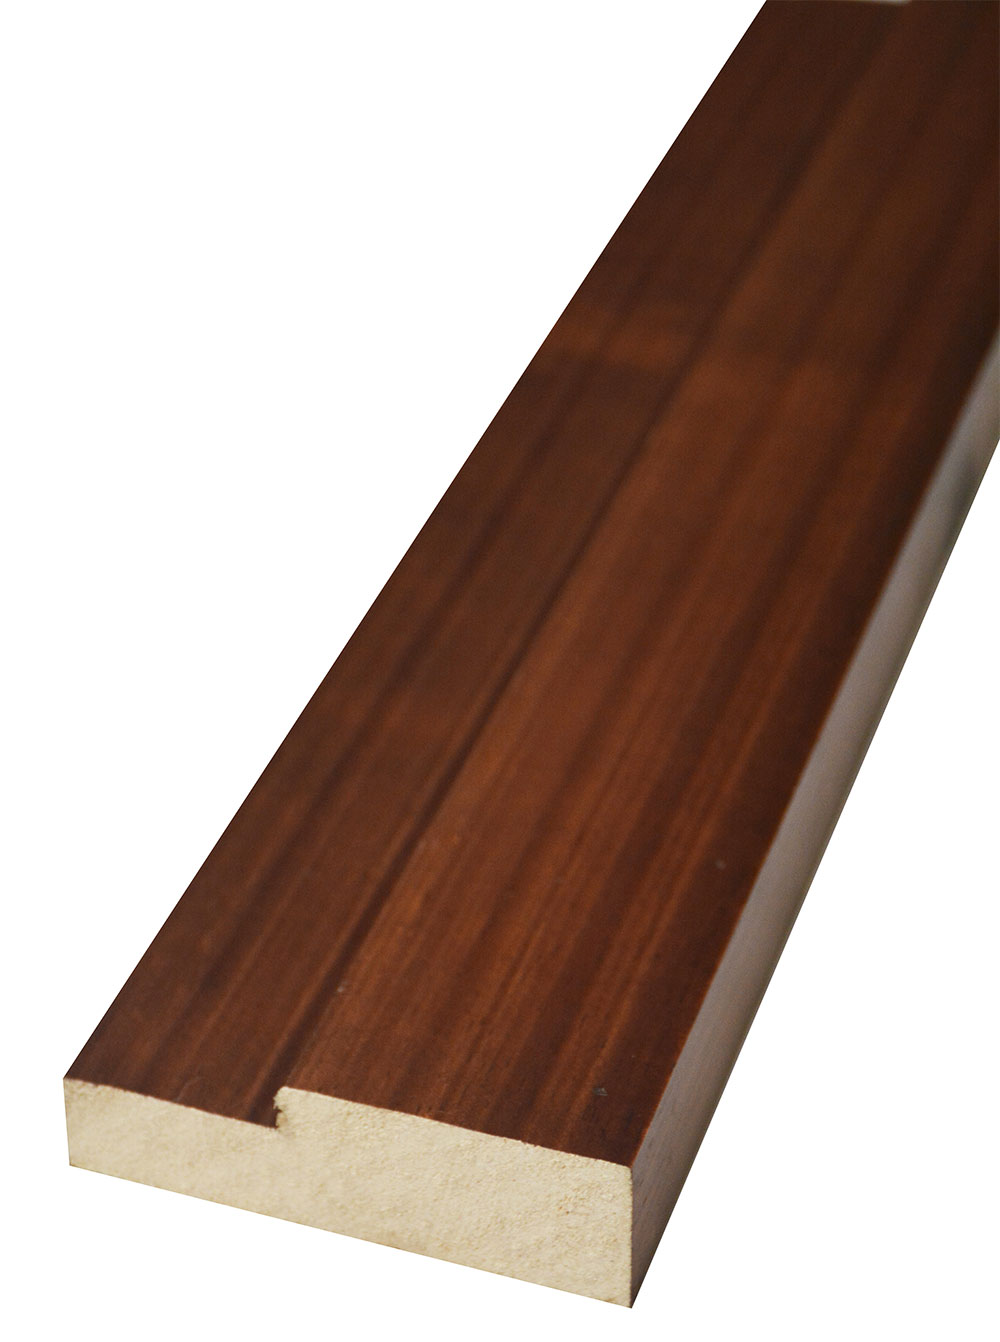 Maderas el bosque marcos en madera - Marcos de puertas de madera ...